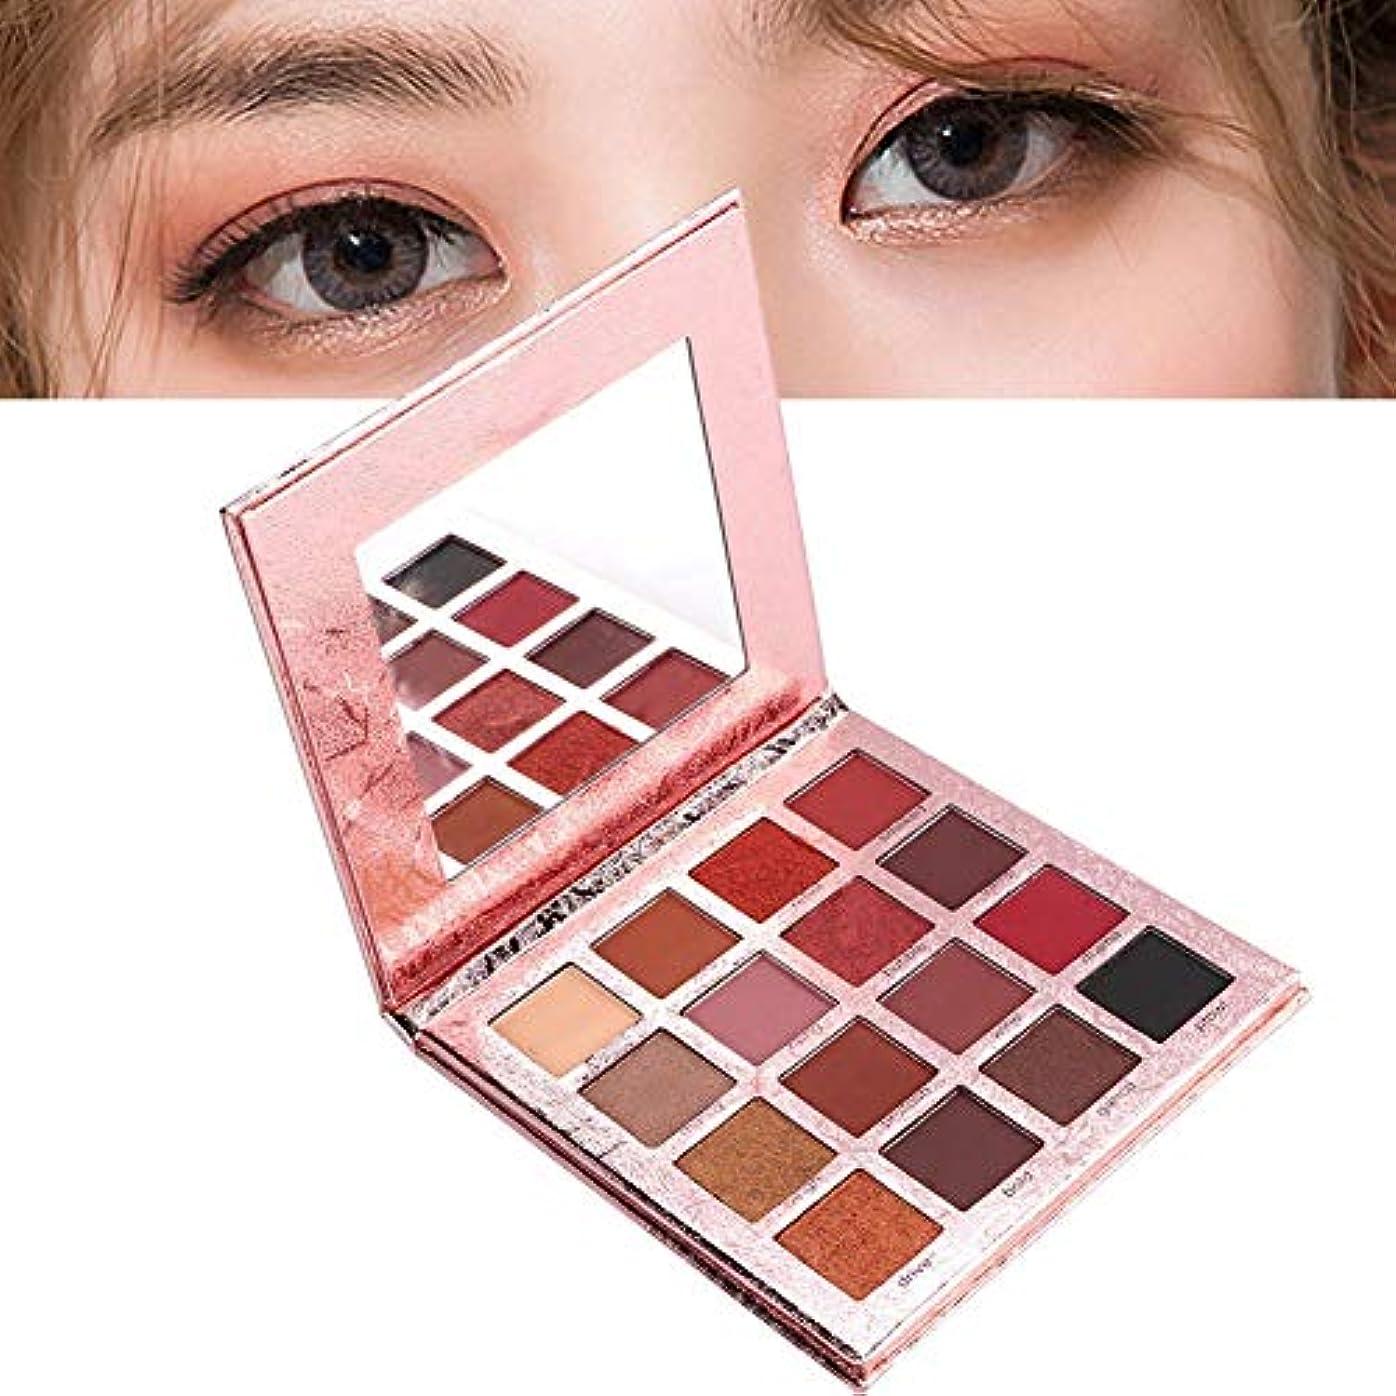 アイシャドウパレット 16色 化粧マット 化粧品ツール グロス アイシャドウパウダー